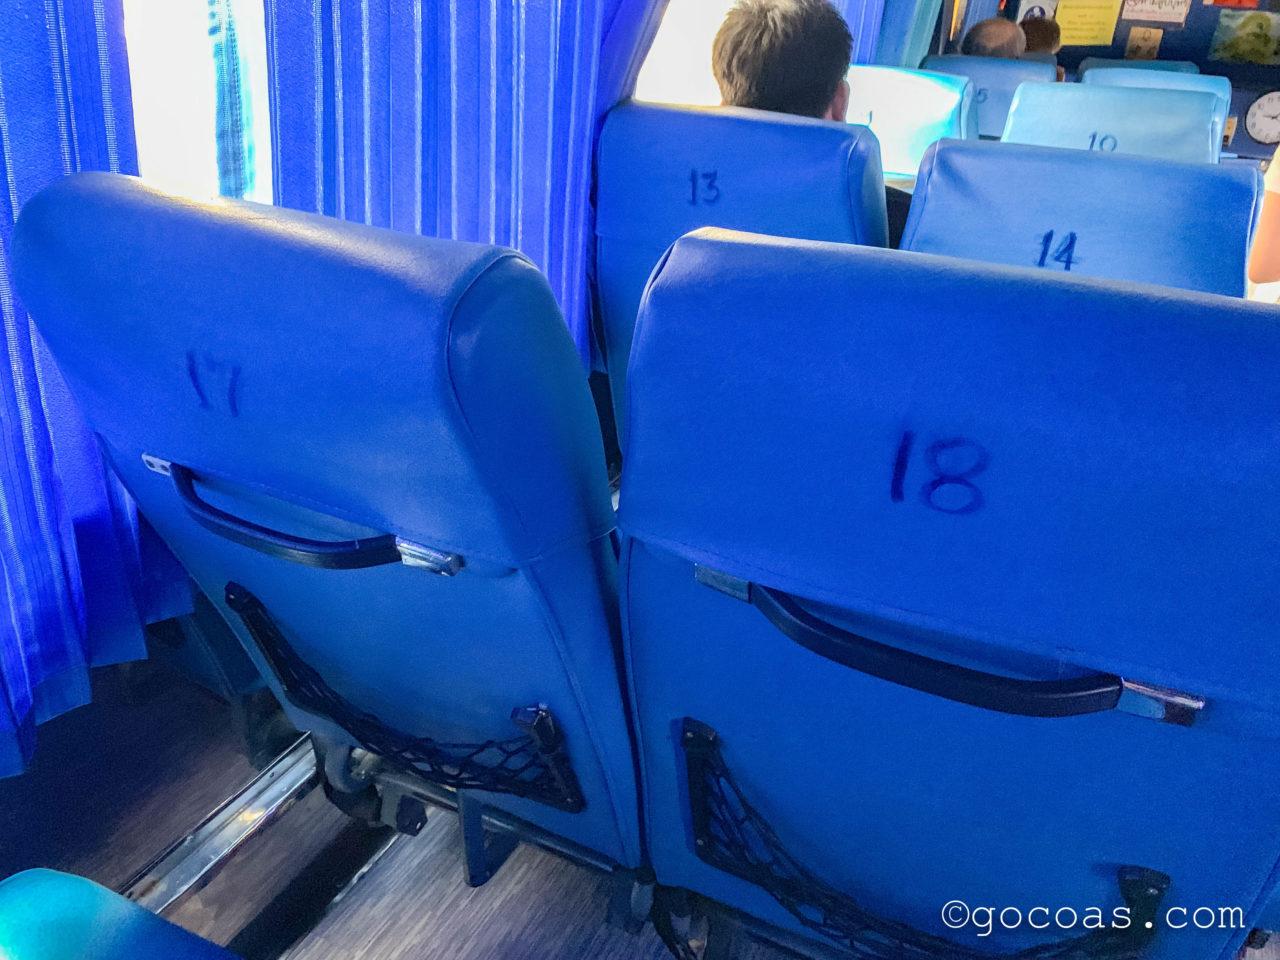 Bangkok Bus Terminalで乗ったバスの座席番号